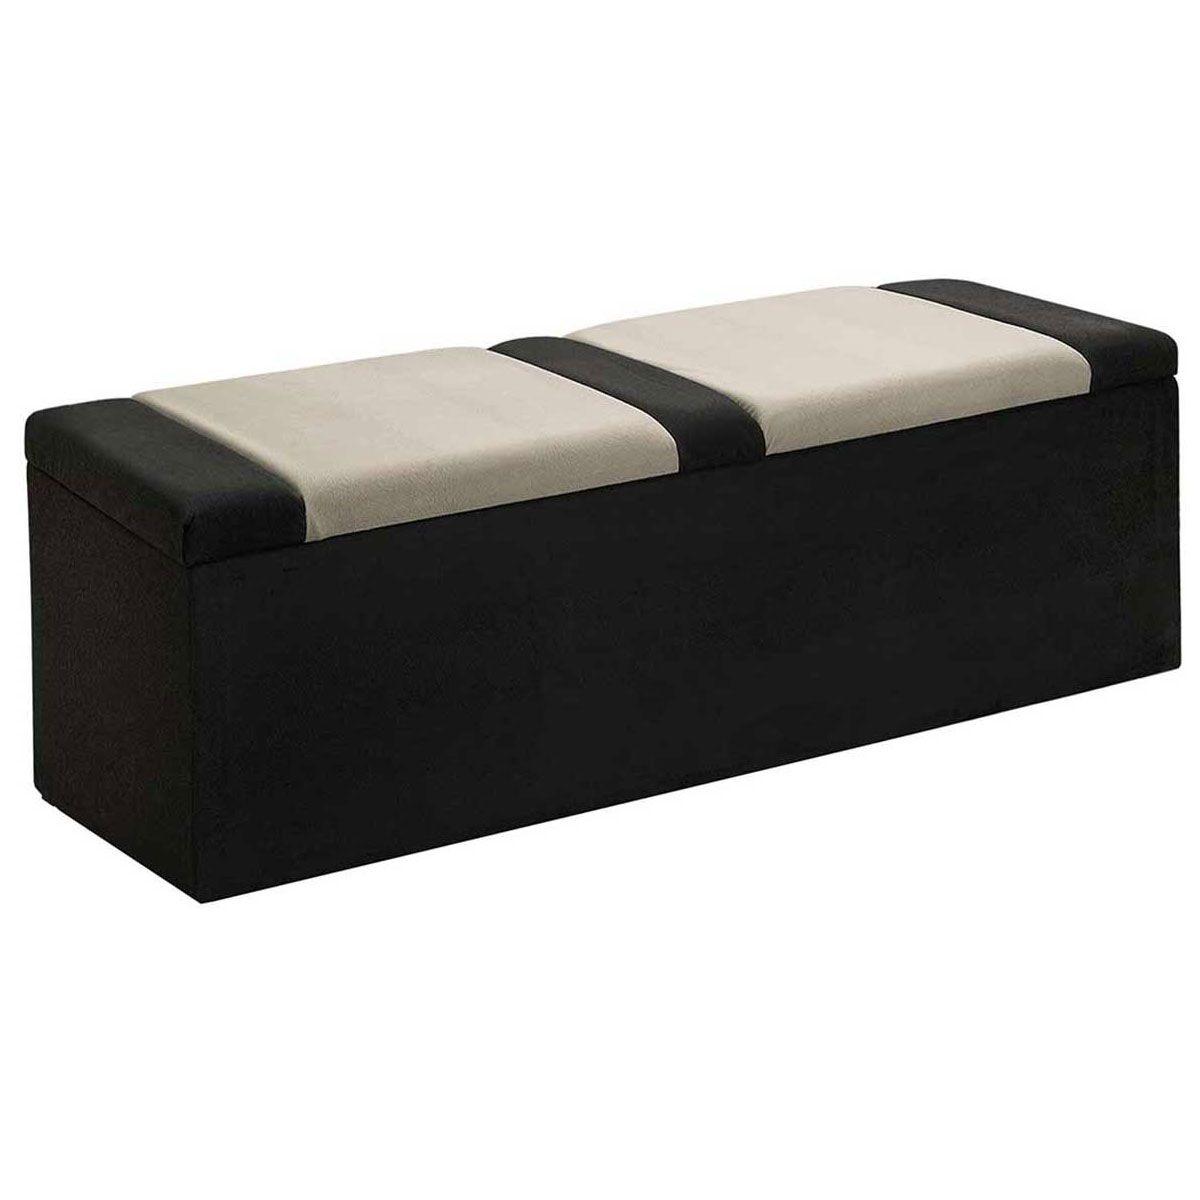 Calçadeira com Baú Estofada Barcelona 160 cm Preto/Bege